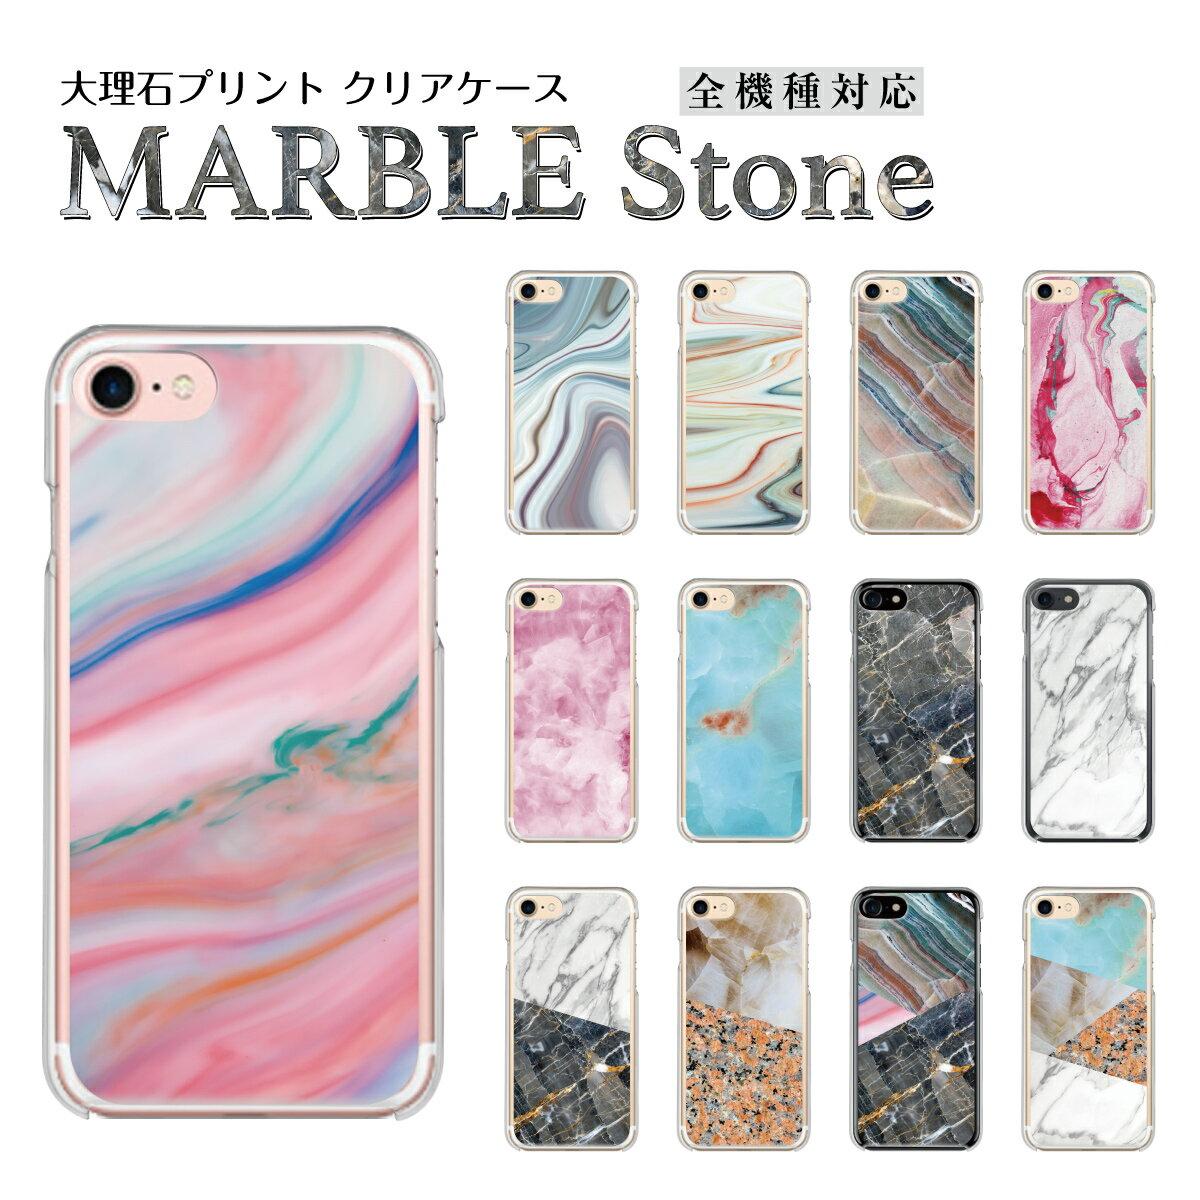 スマホケース 全機種対応 ケース カバー ハードケース クリアケース iPhoneXS Max iPhoneXR iPhoneX iPhone8 Plus iPhone7 iPhone6s iPhone SE 5s Xperia XZ3 XZ2 XZ1 XZ XZs SO-01L SO-05K SO-03K aquos R2 R SH-03K galaxy S9 S8 21-ca-marble